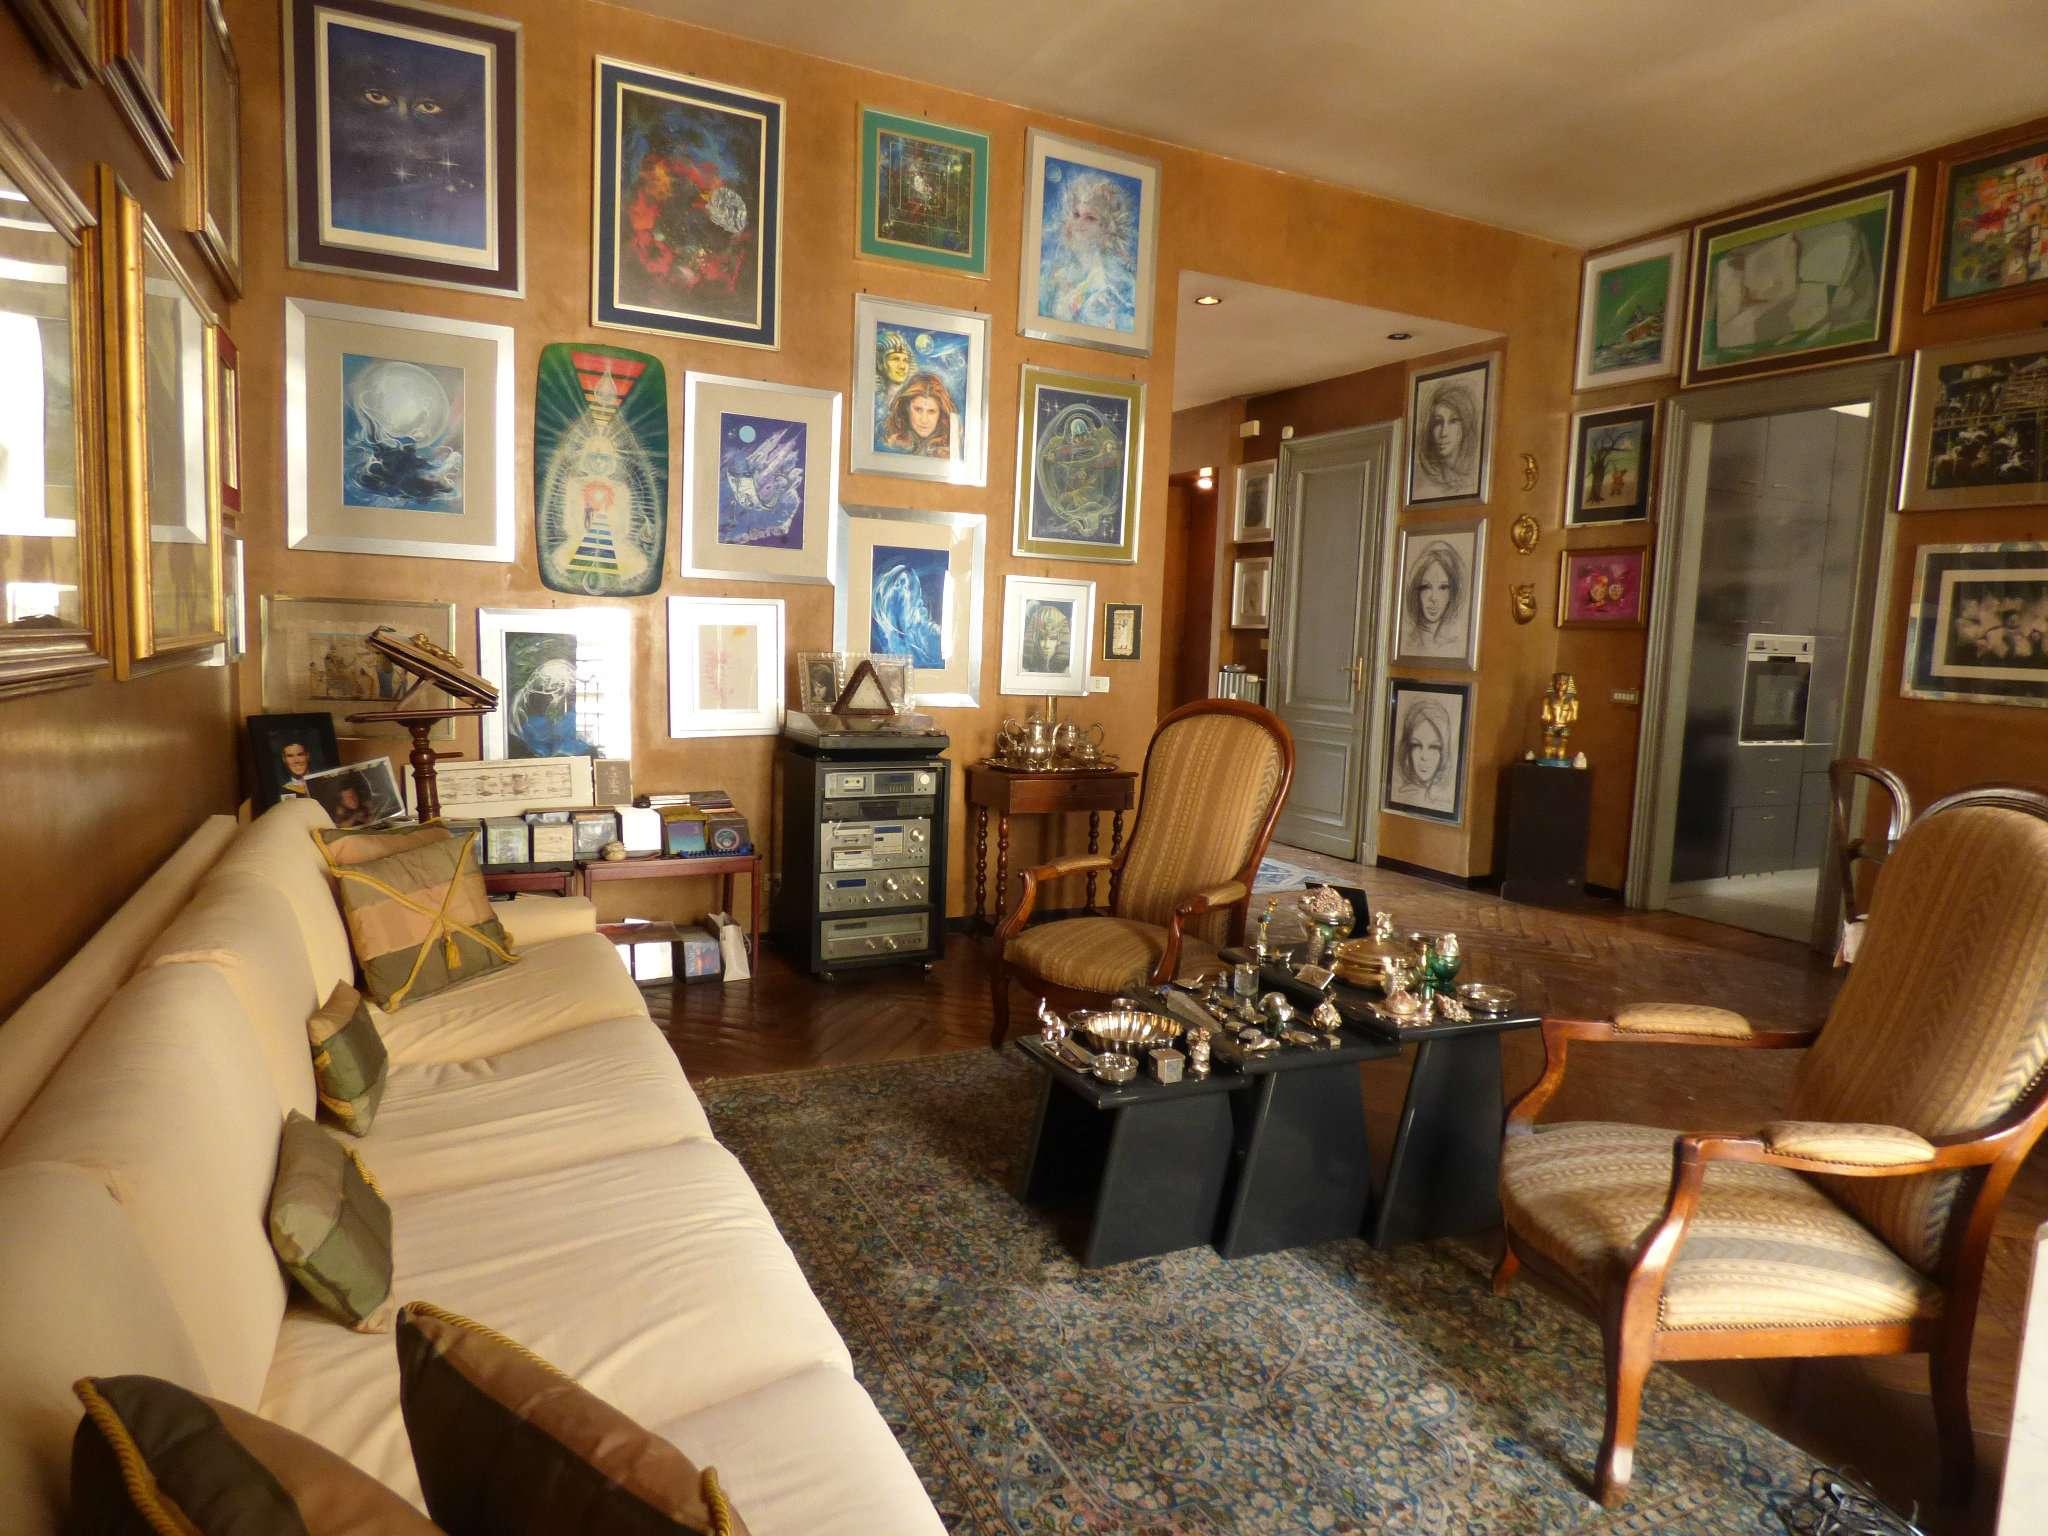 Appartamento in vendita Zona Crocetta, San Secondo - Via Pastrengo 17 Torino